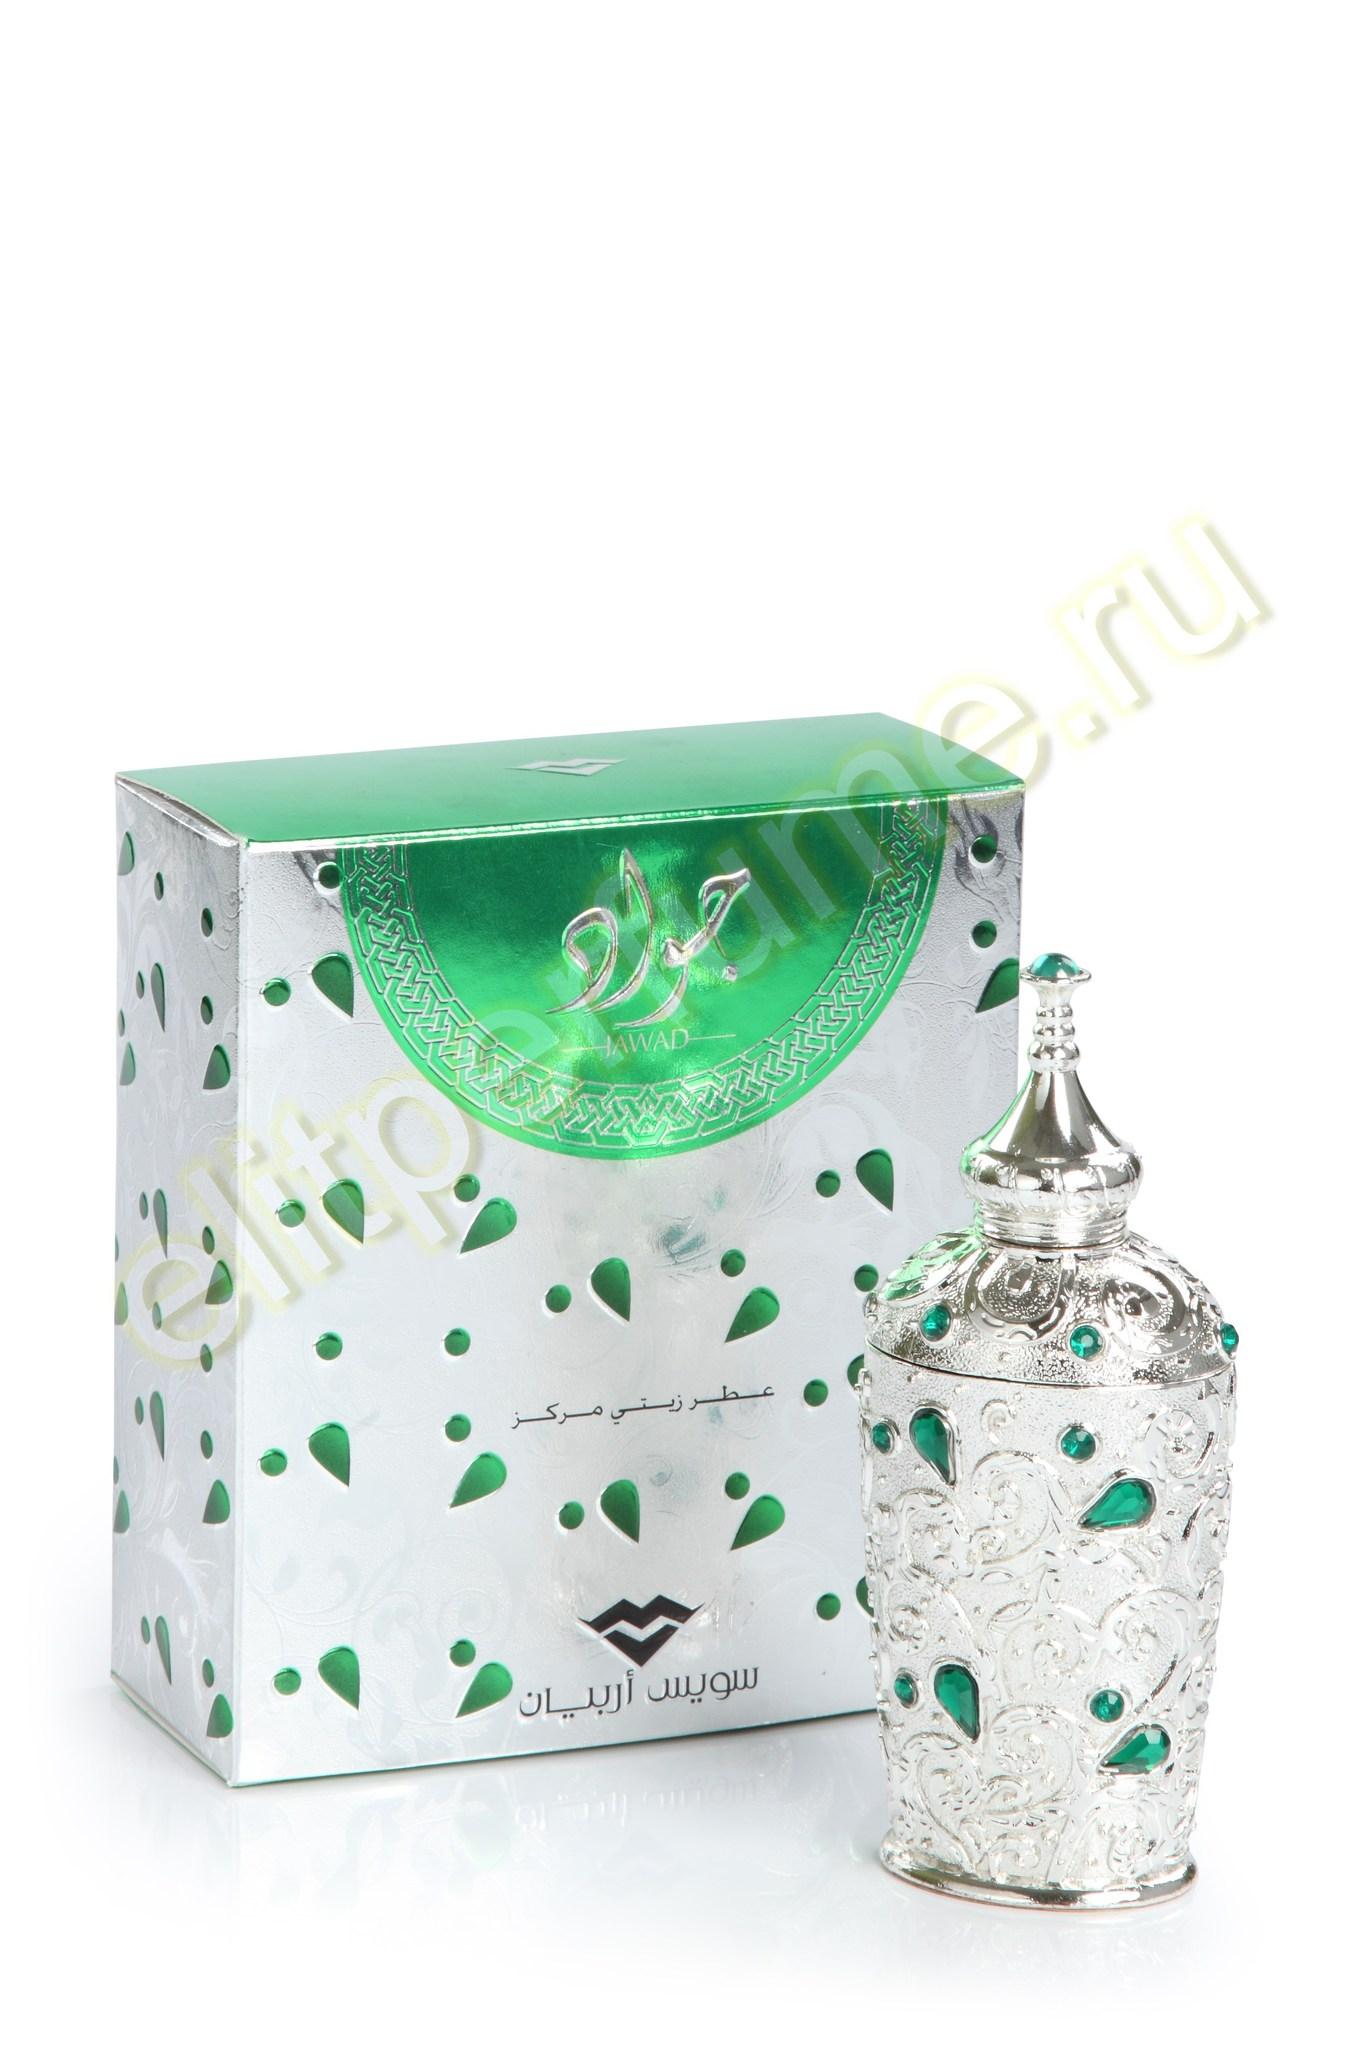 Пробники для арабских духов Jawad Джавад 1 мл арабские масляные духи от Свисс Арабиан Swiss Arabian